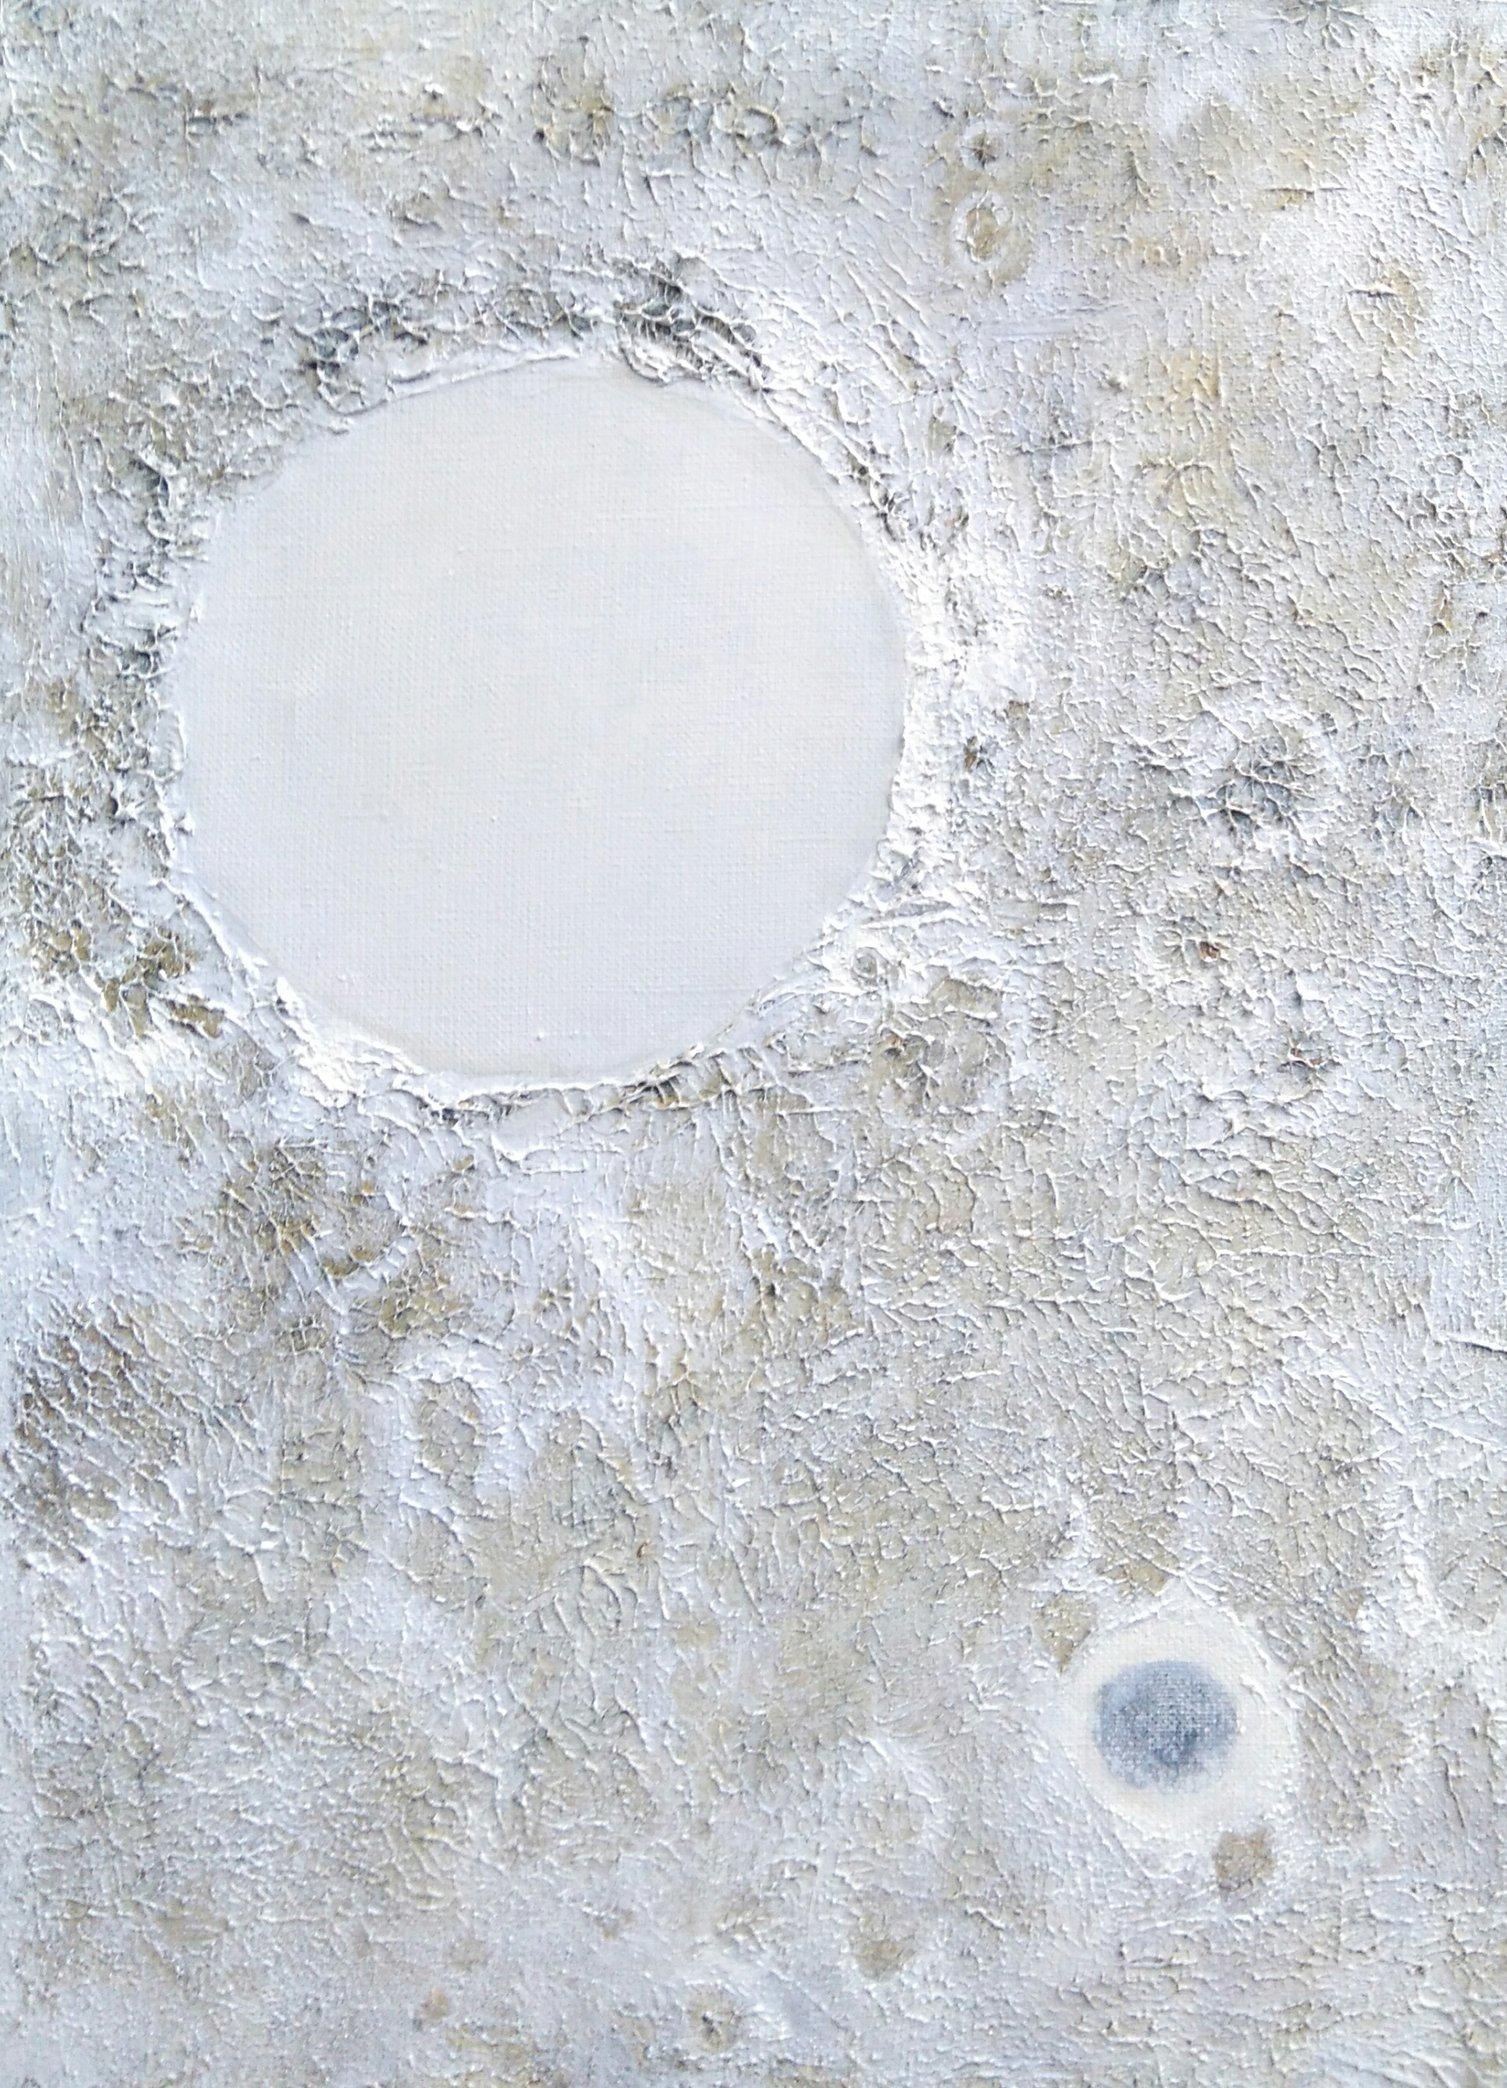 Zimowy księżyc 55x40 olej płótno 2014 (wł. pryw.)